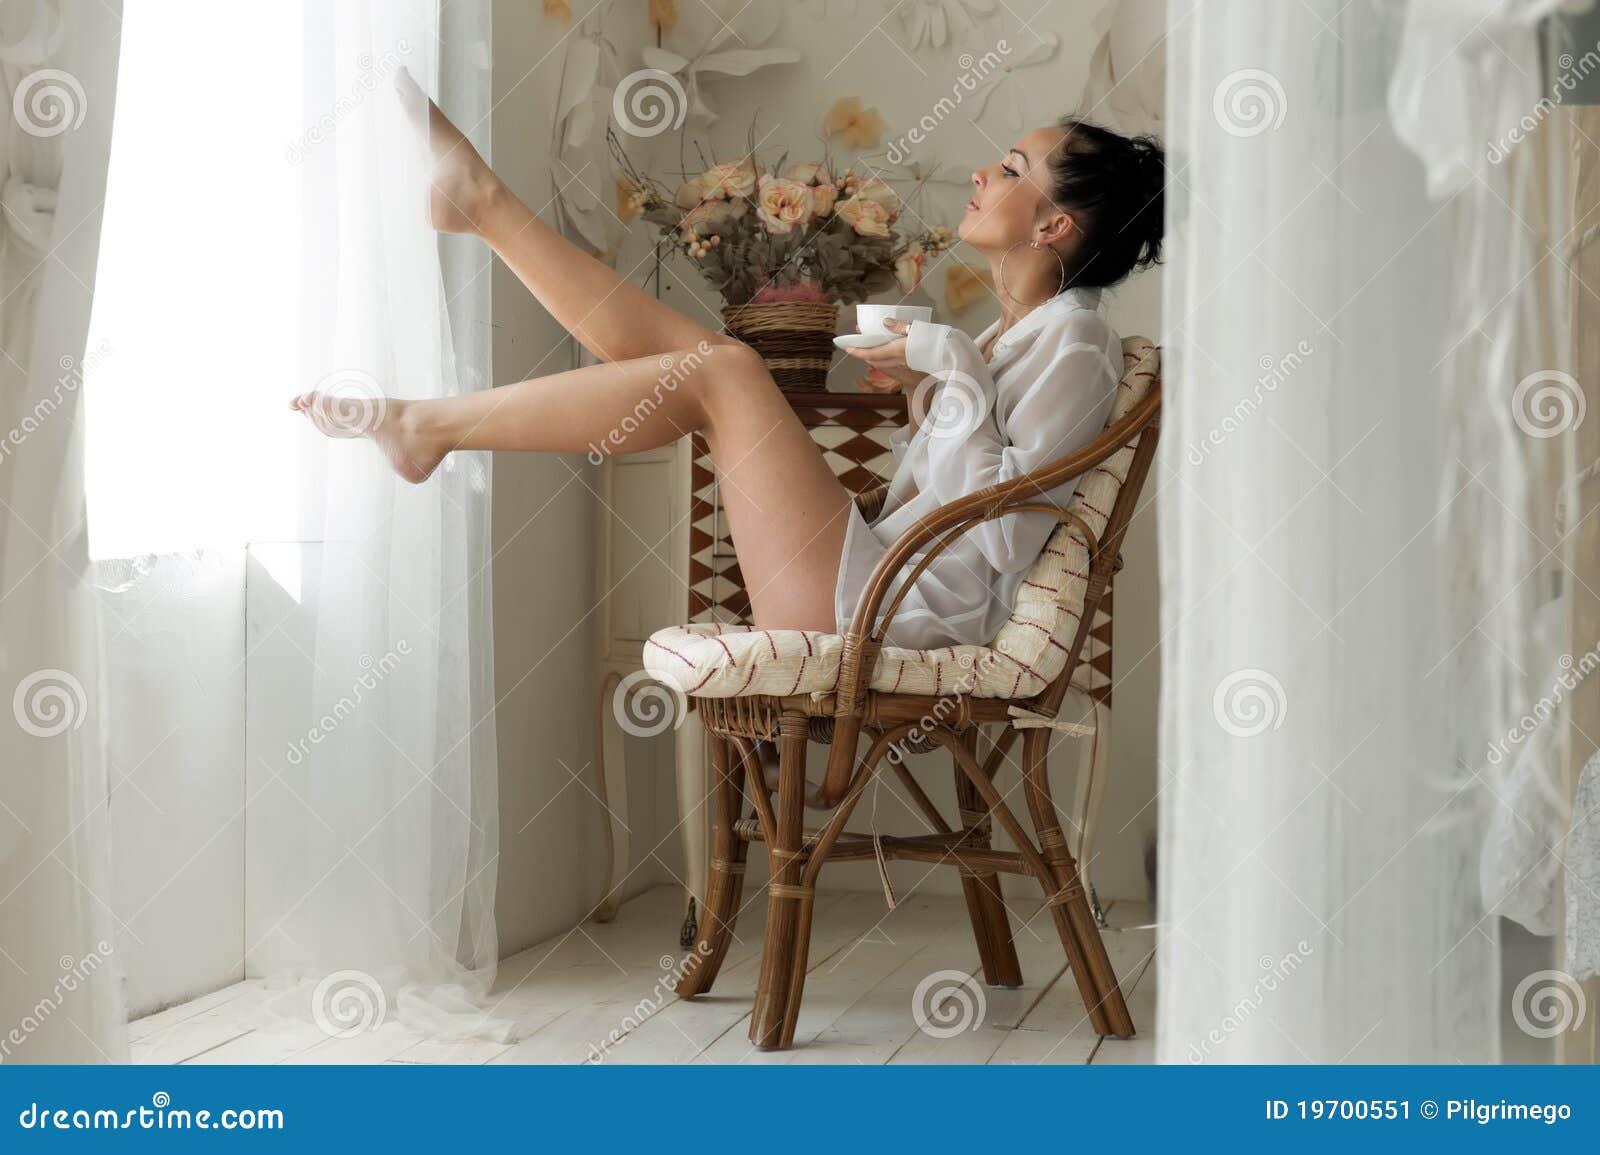 Фото жены с утра 12 фотография